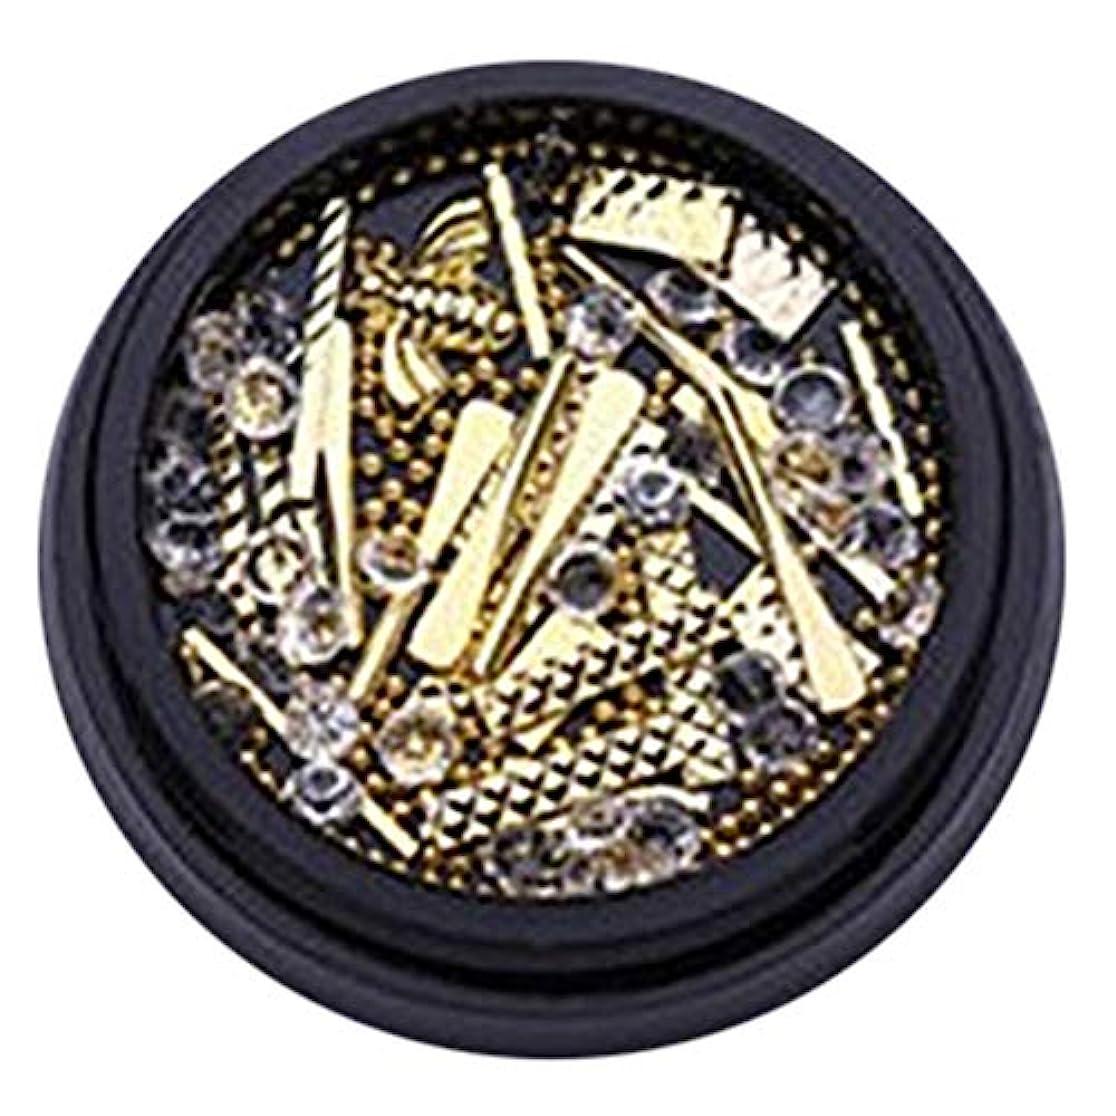 欲望初期勧めるhamulekfae-和風可愛い人気ブラクケア金属バー長方形リベットネイルアート宝石ラインストーンデコレーションホイールDIYのヒント - ゴールデンGolden